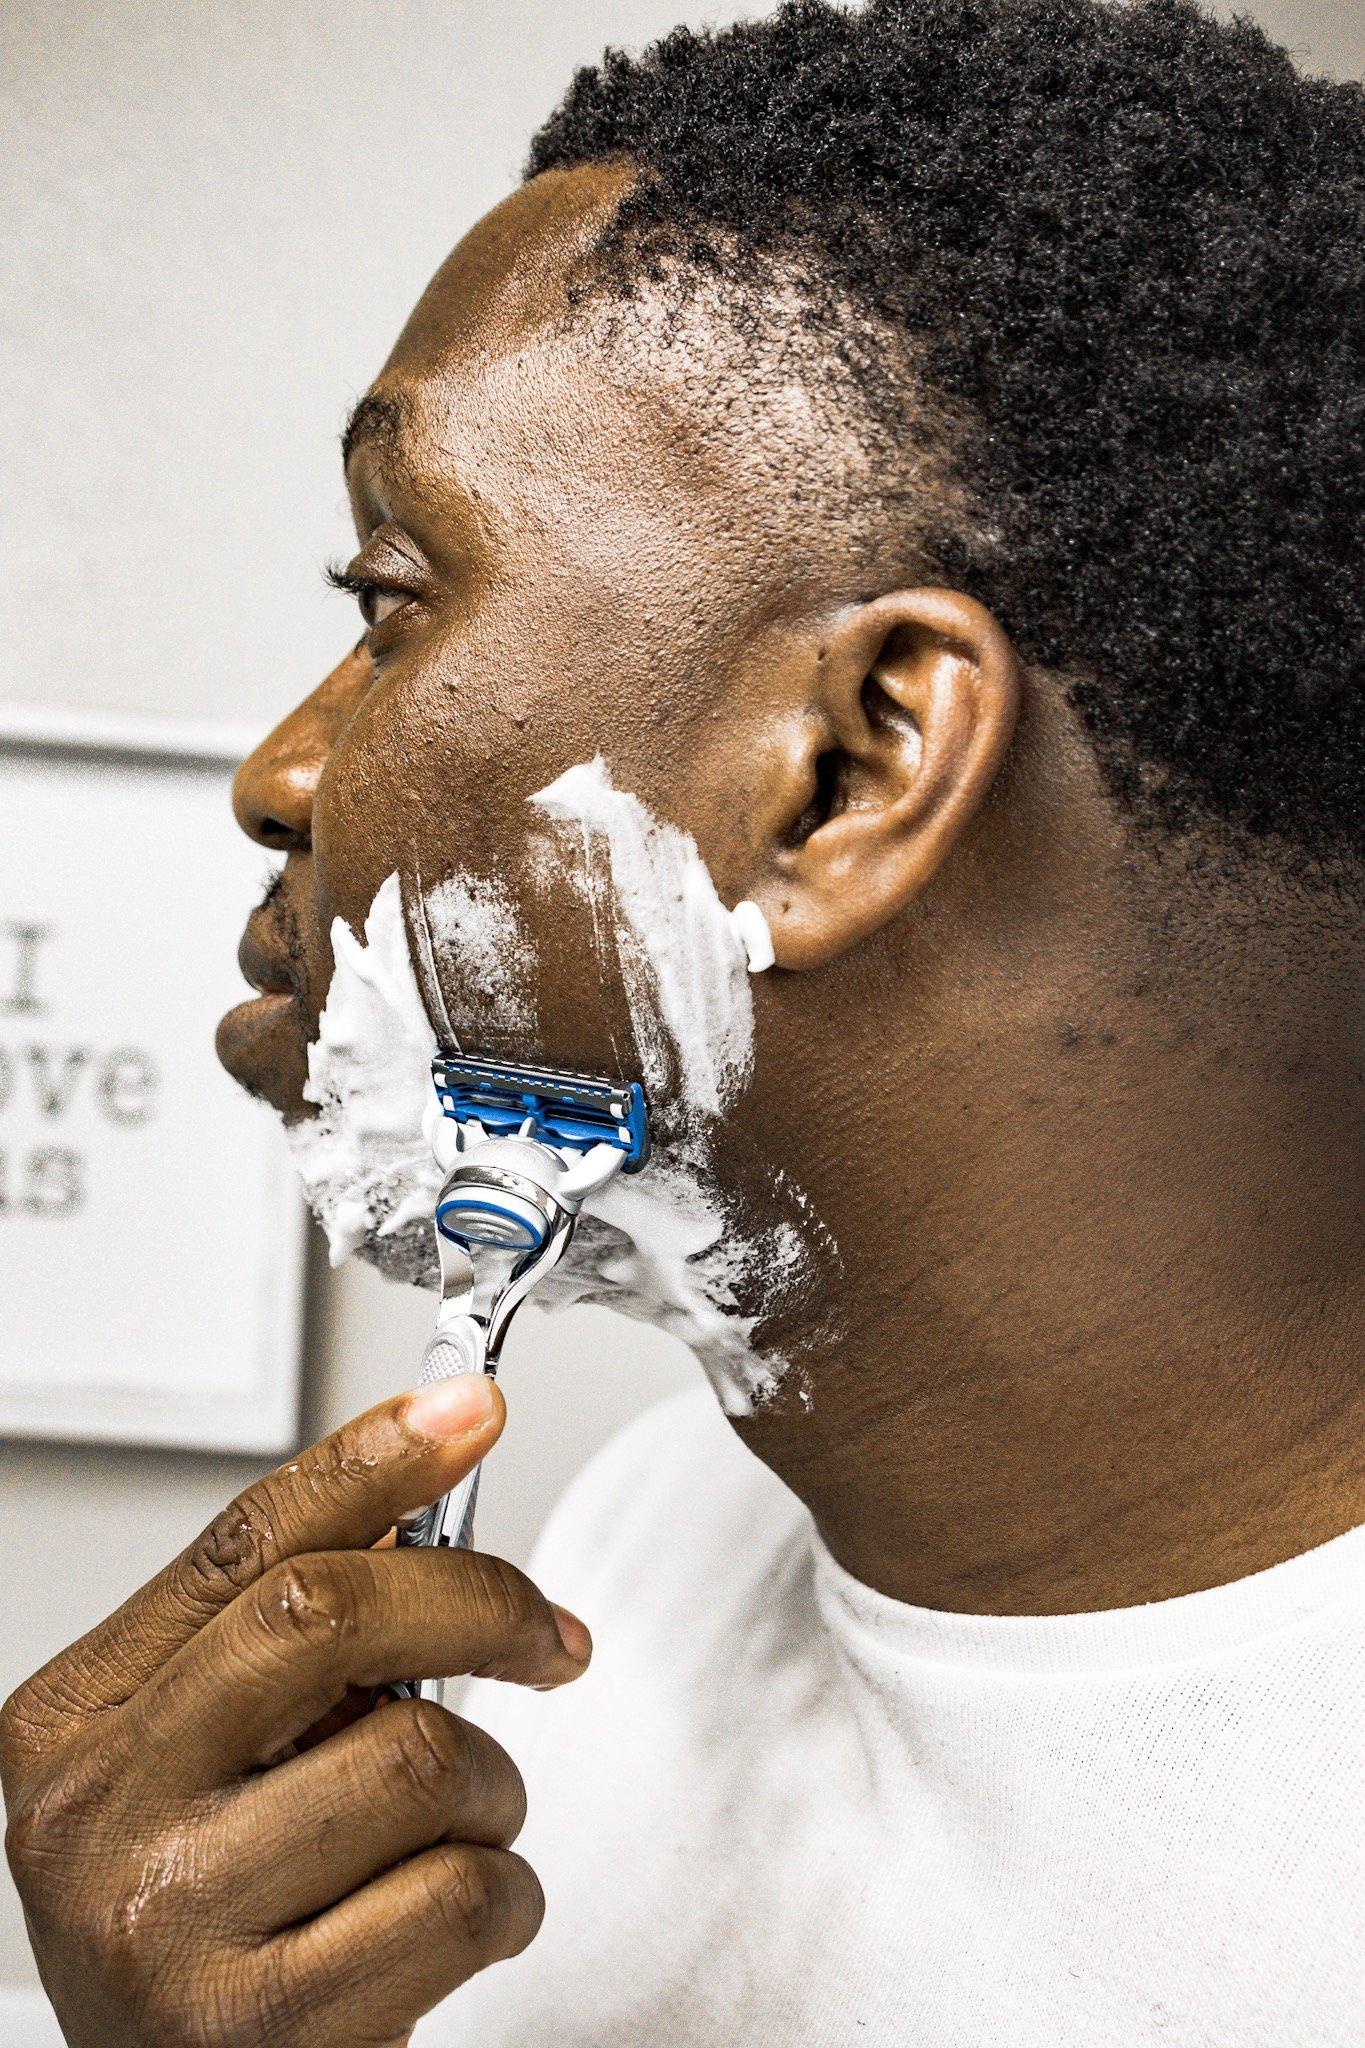 Skincare: Preventing Those Dreaded Razor Bumps